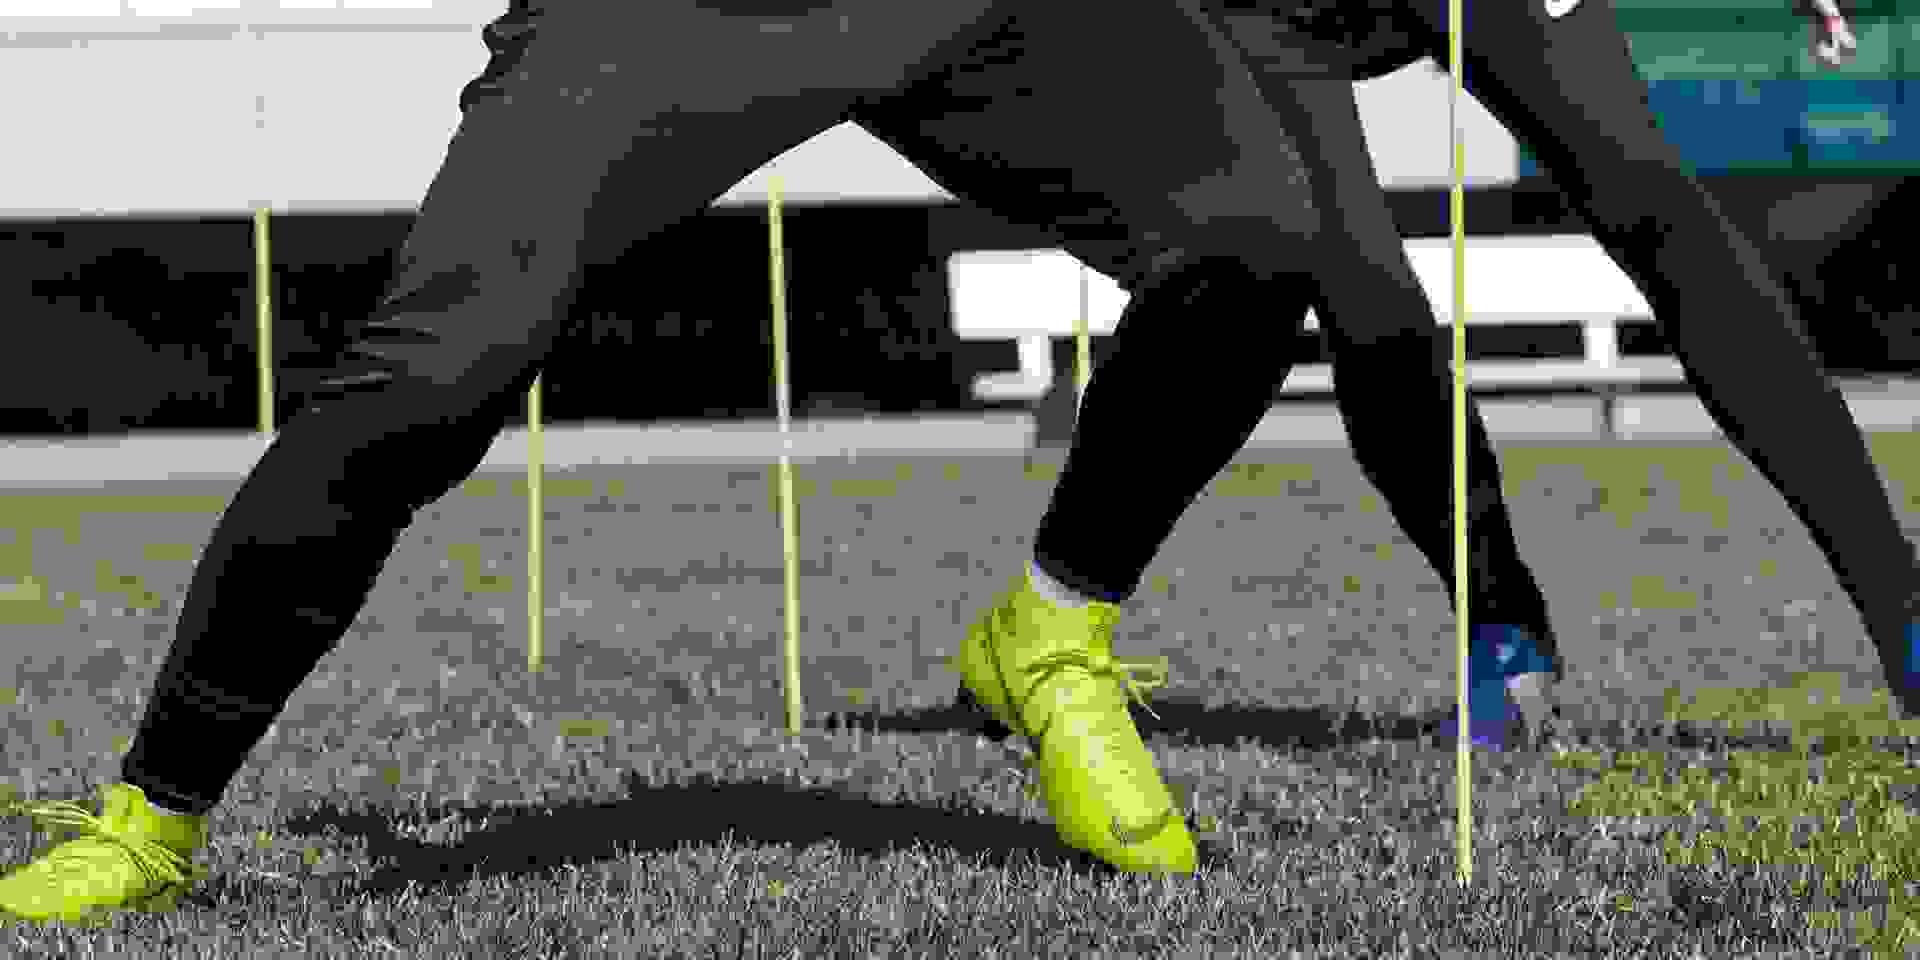 Fussballschuhe mit Firm Ground-Nockensohle (FG) im Einsatz